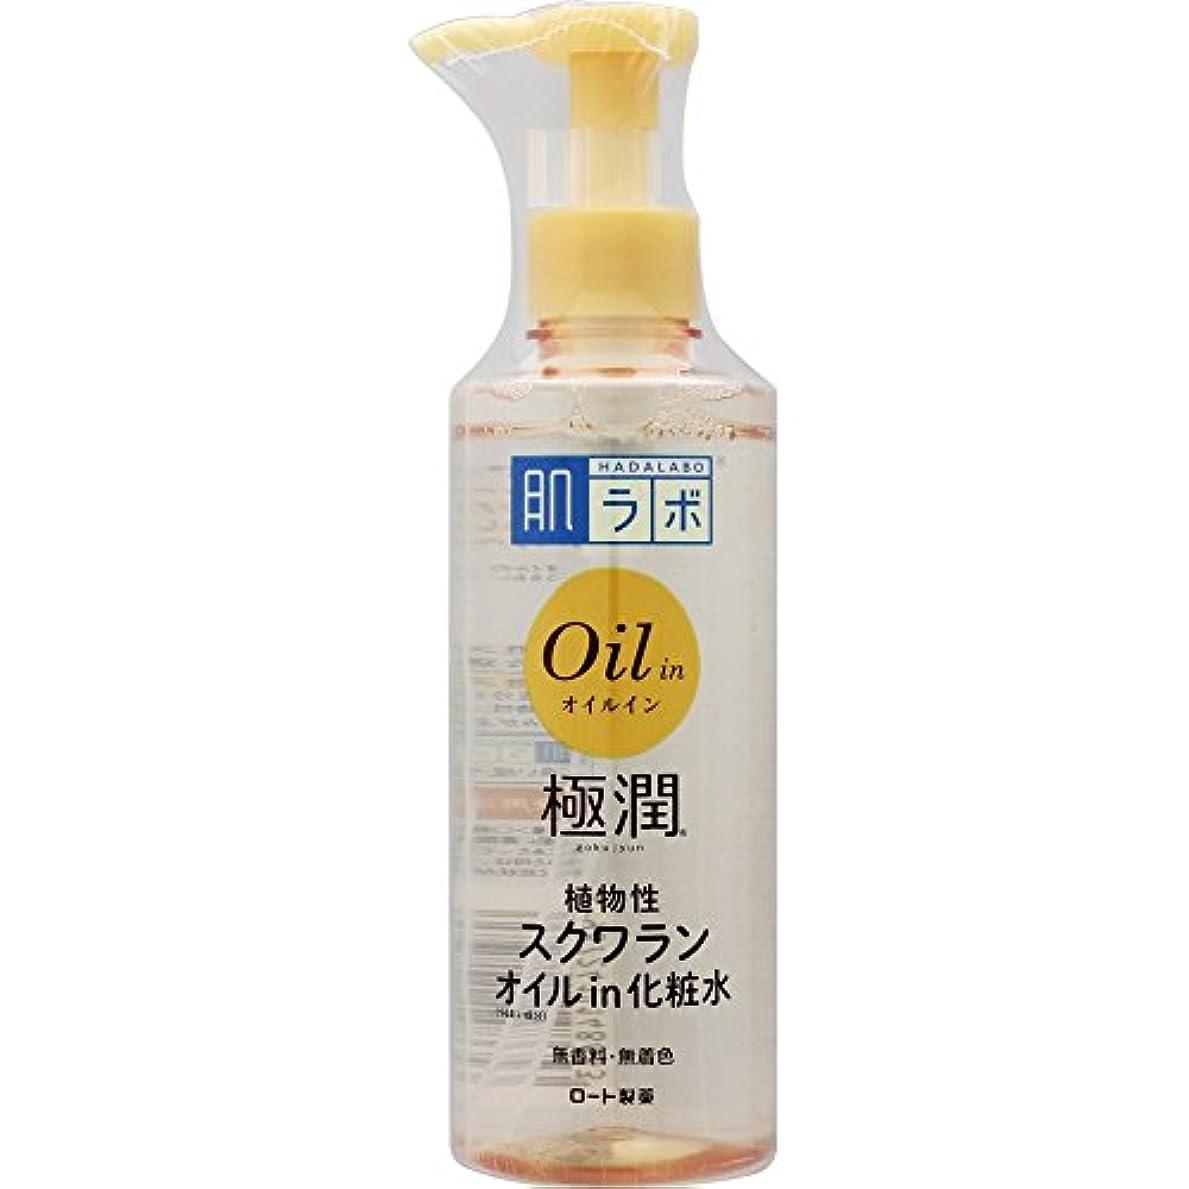 劇場制限ポンド肌ラボ 極潤オイルイン化粧水 植物性スクワランオイル配合 220ml